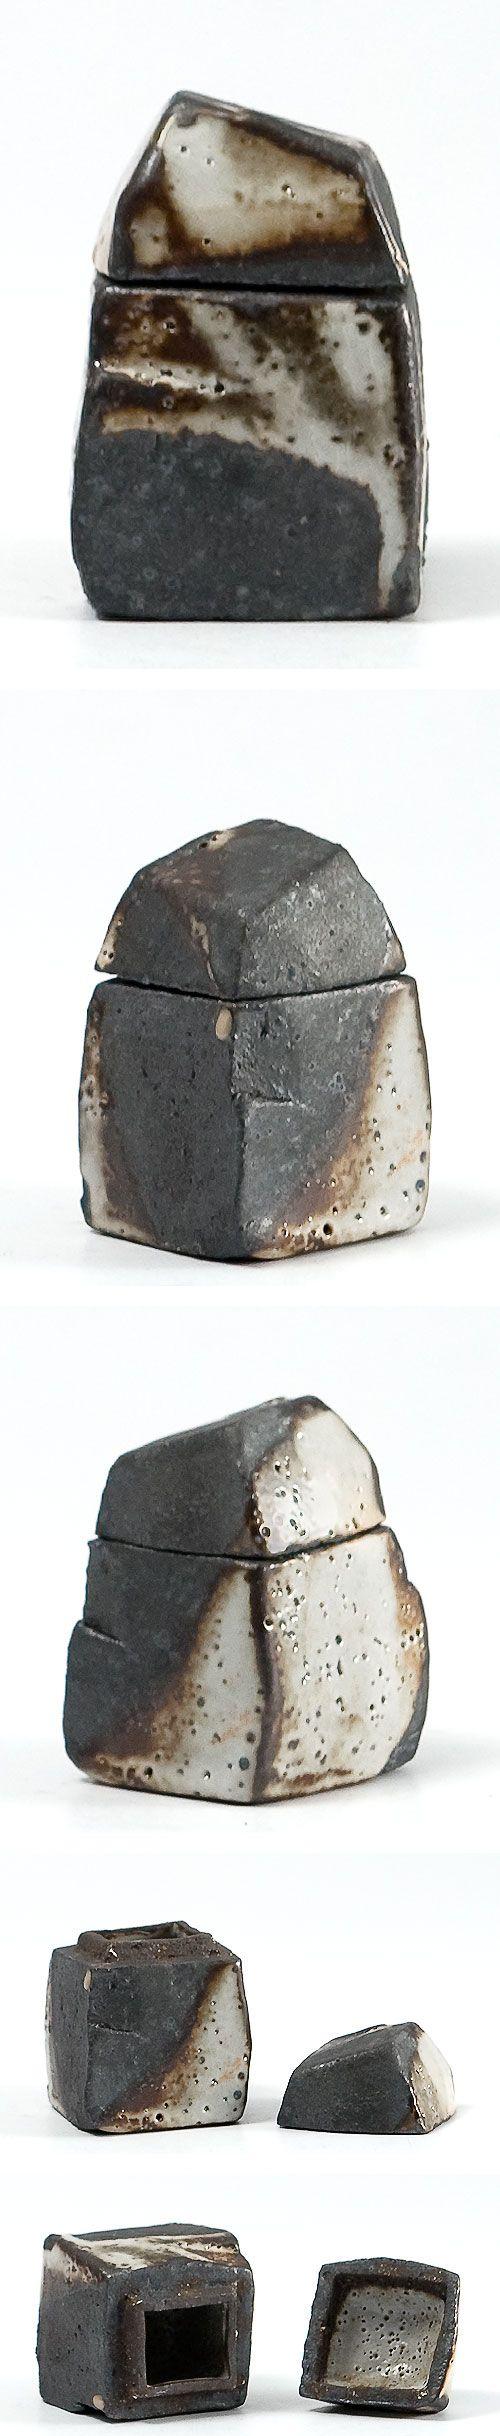 Lisa Hammond. I like the crude heavy pots.